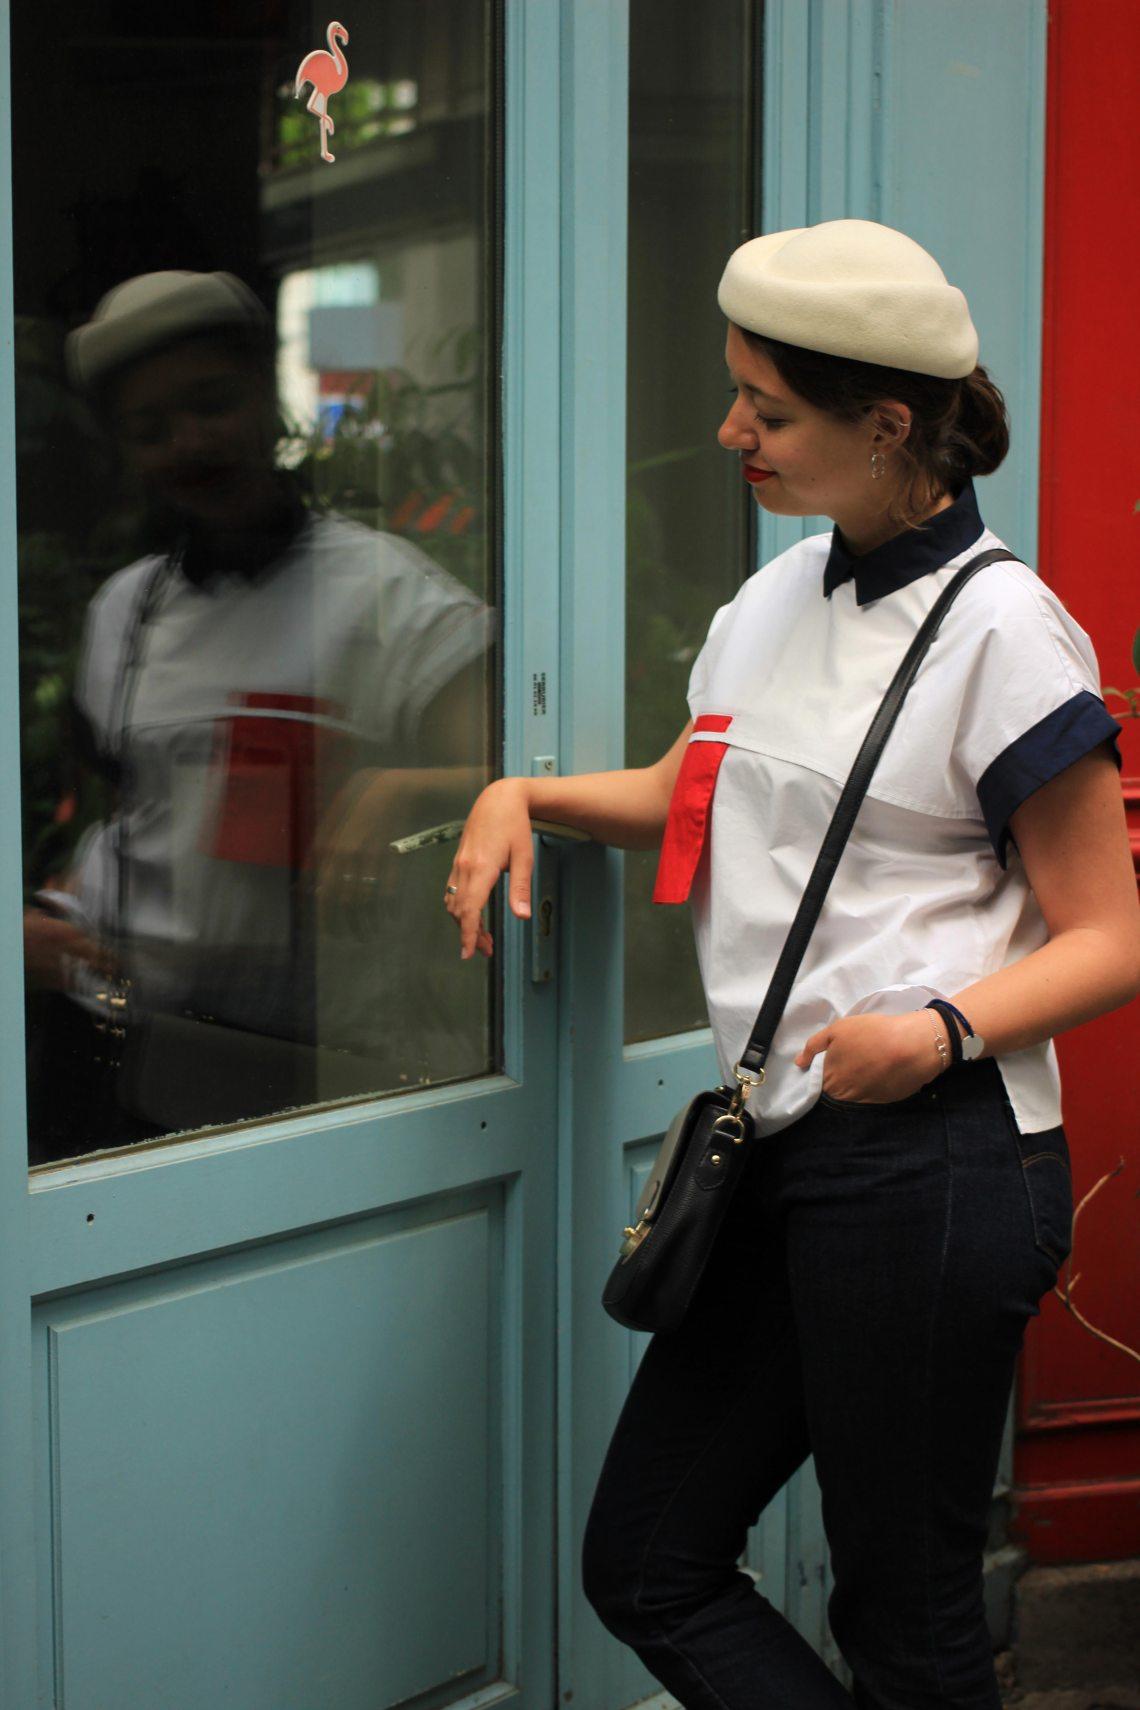 10-reflet-dans-le-miroir-tenue-asymétrique-chemise-rouge-et-blanche